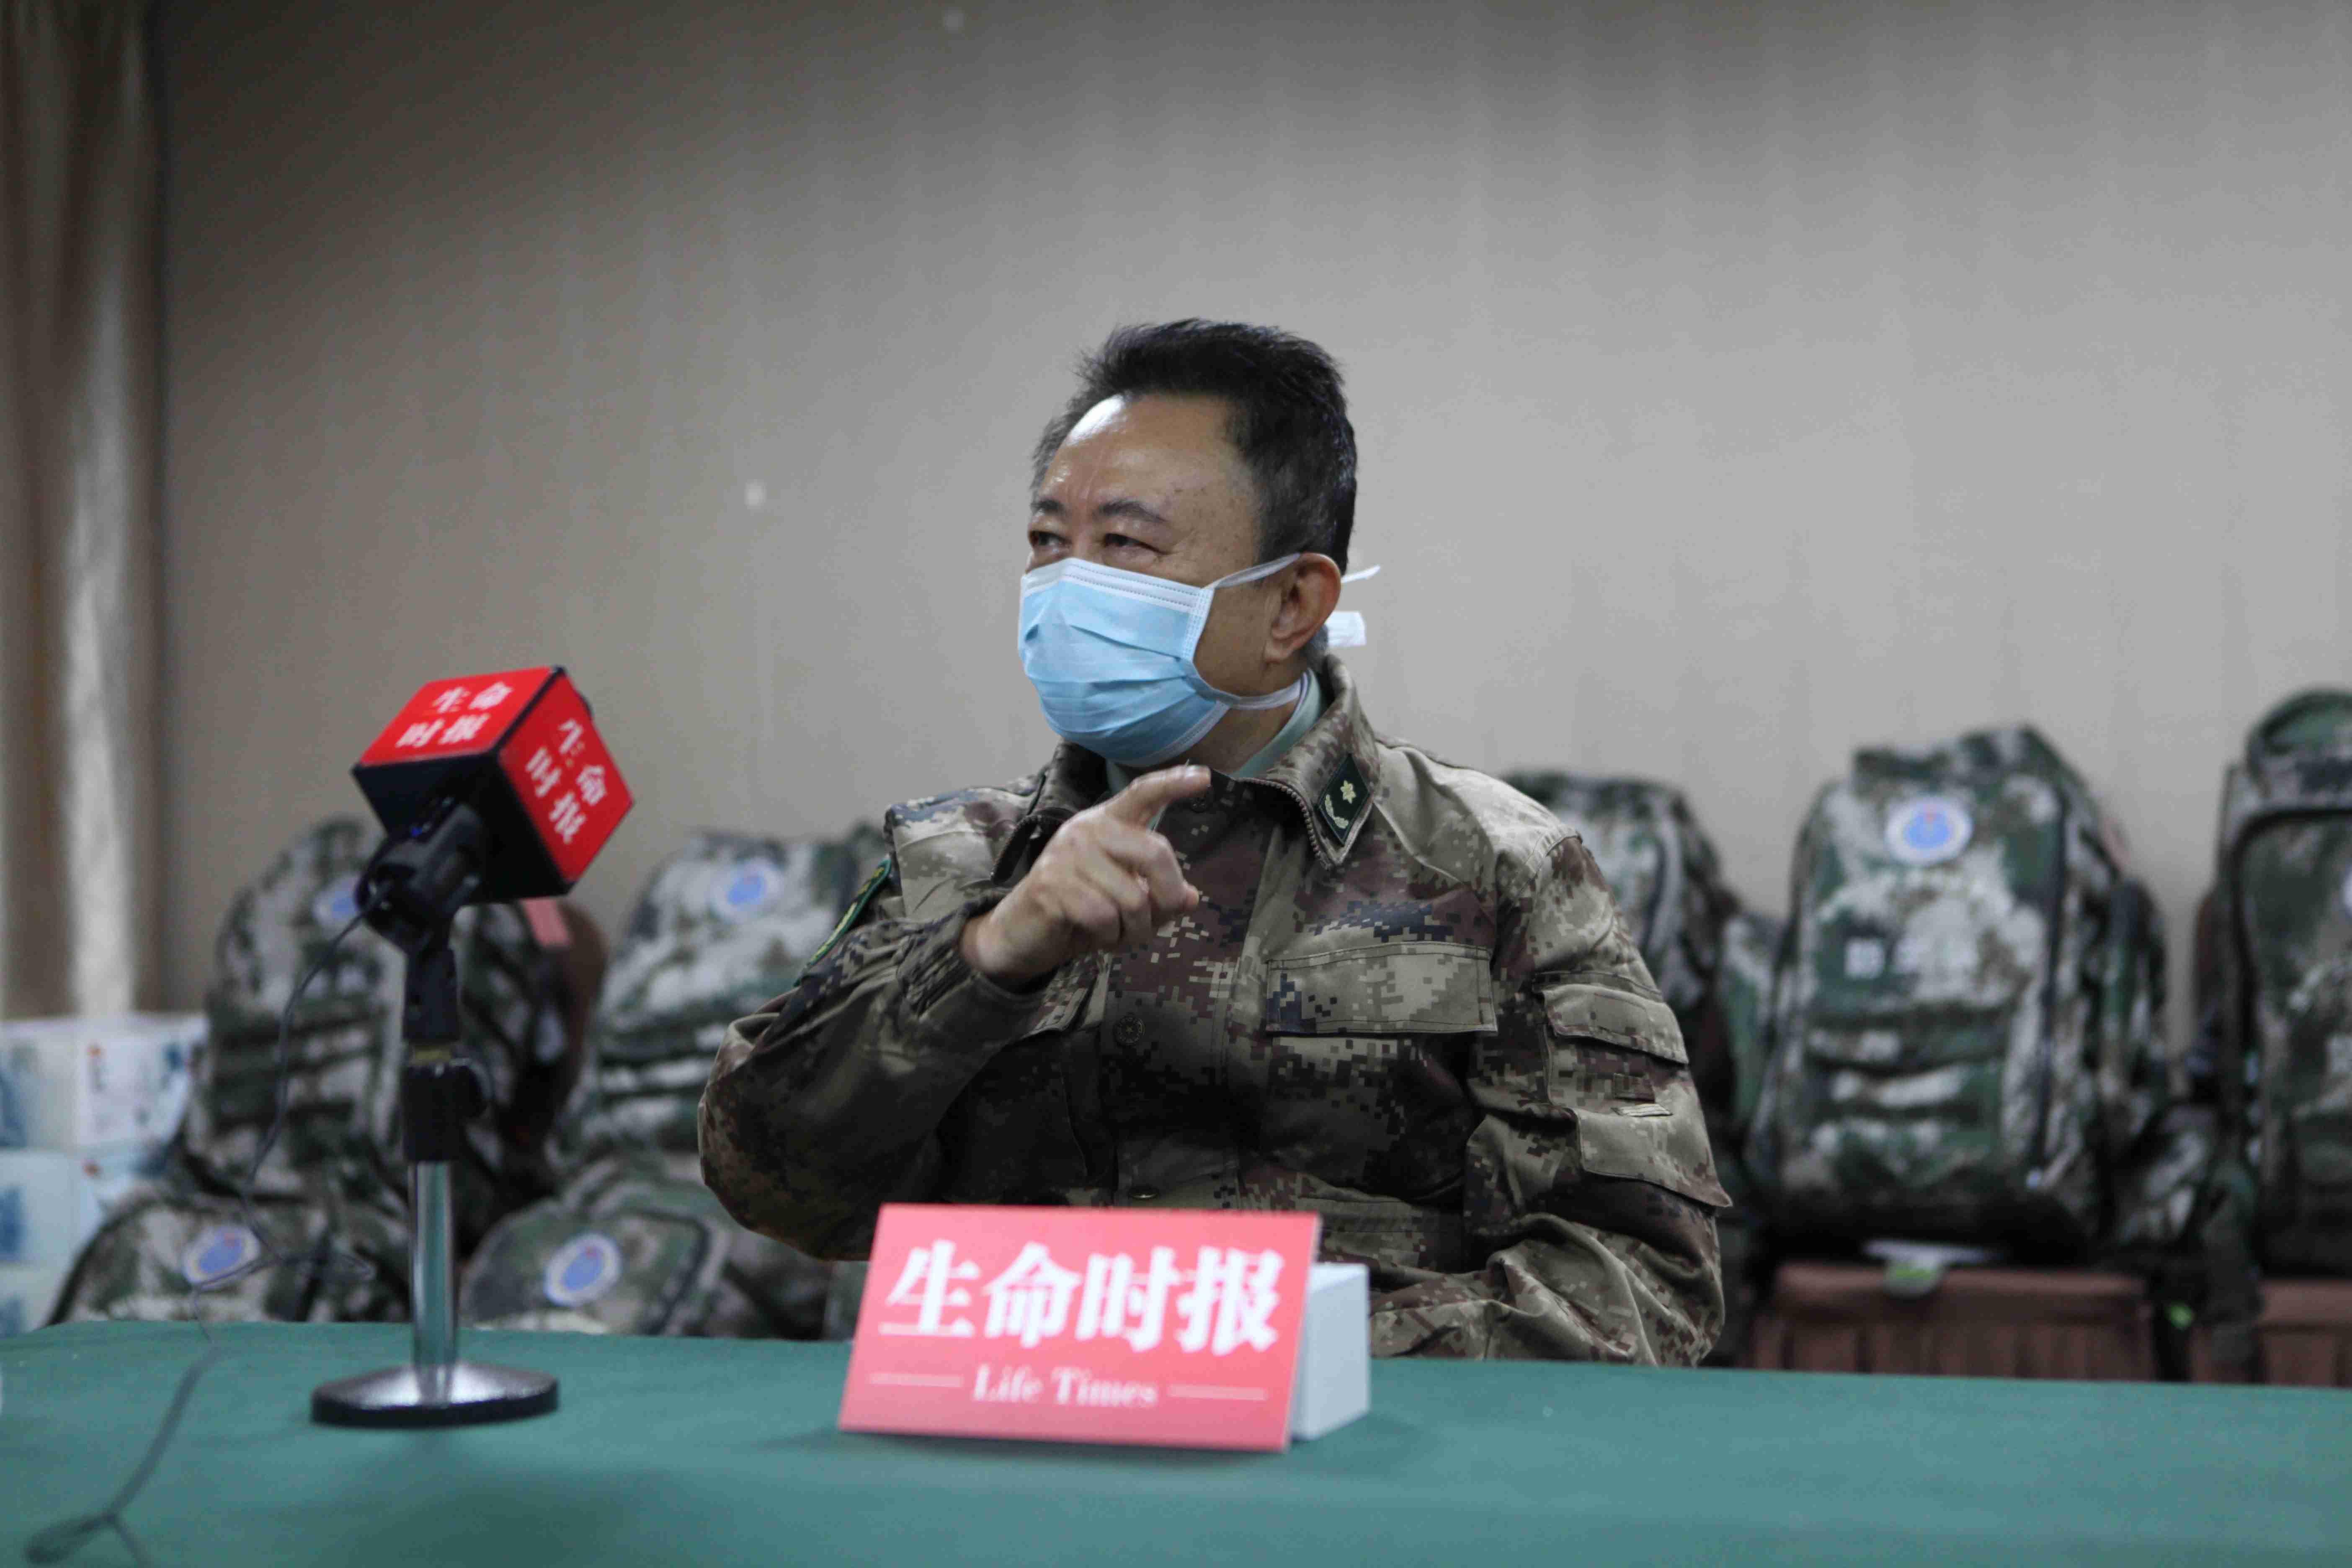 非典专家刘又宁谈武汉病死率为什么那么高